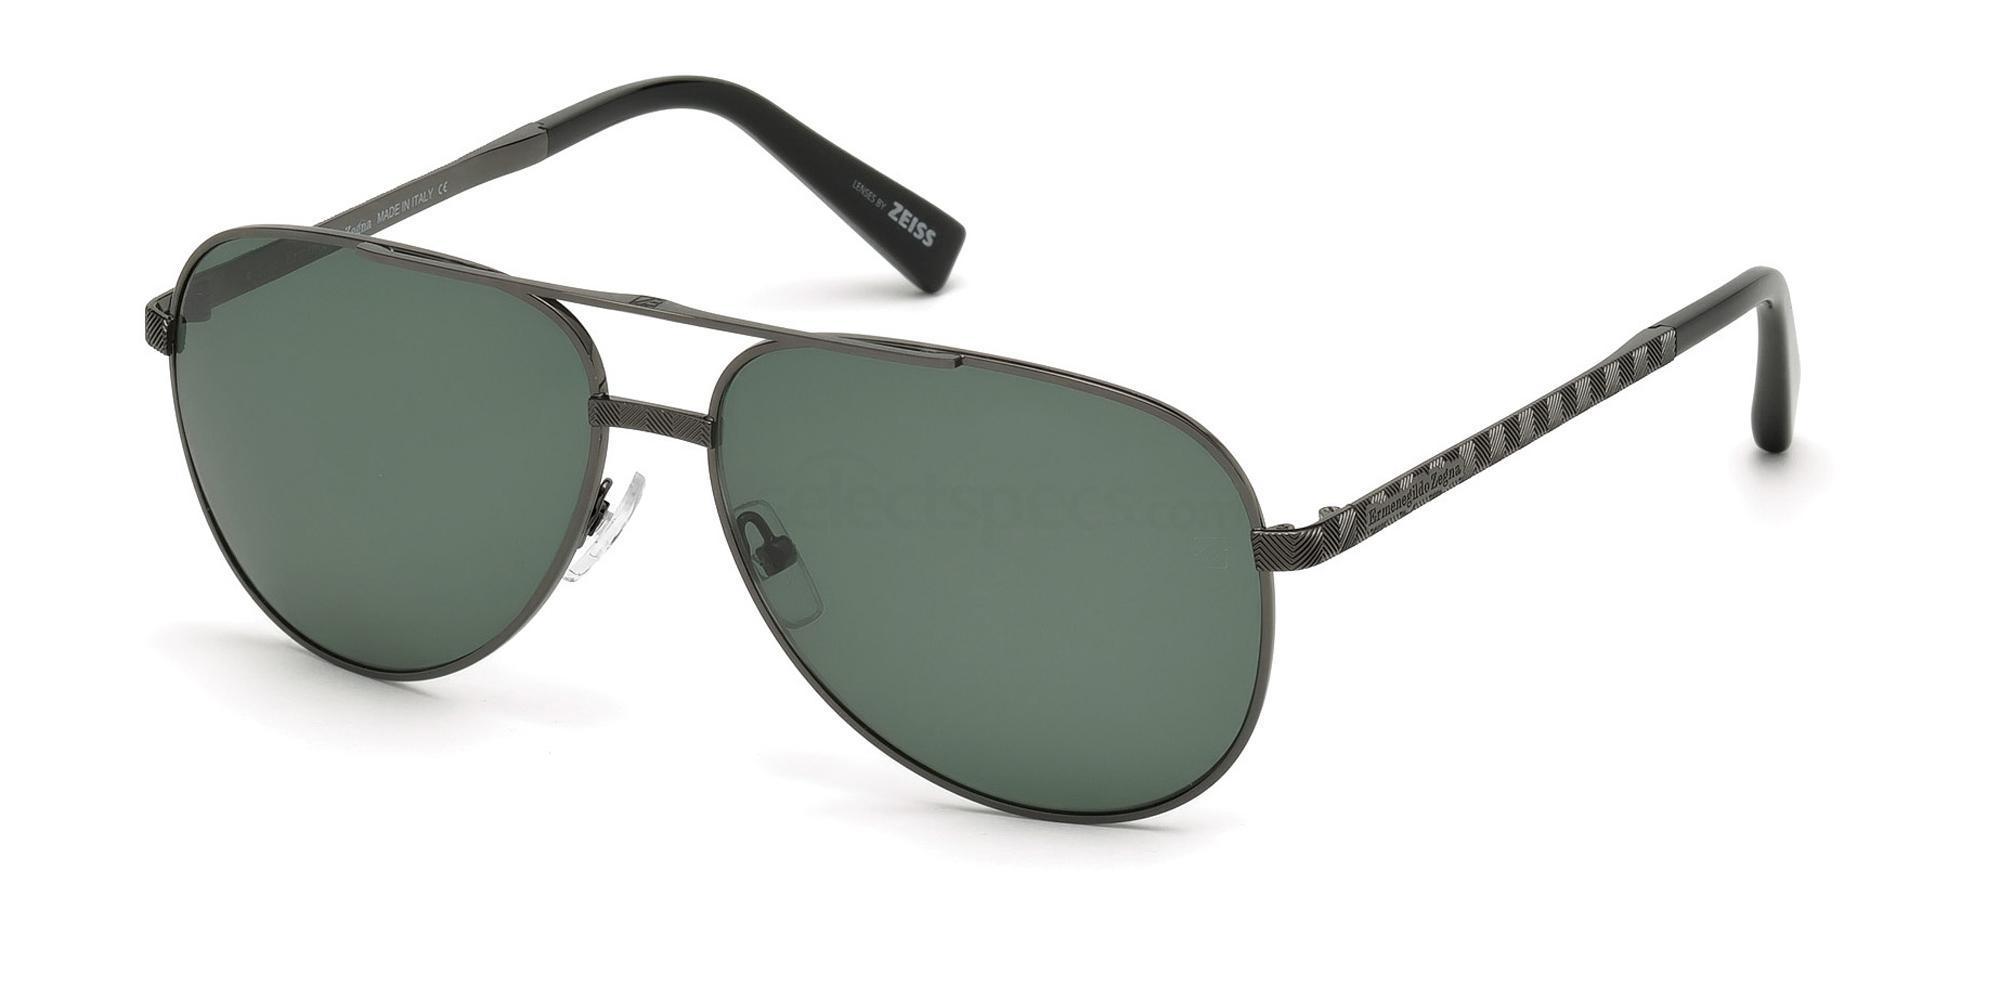 09R EZ0027 Sunglasses, Ermenegildo Zegna